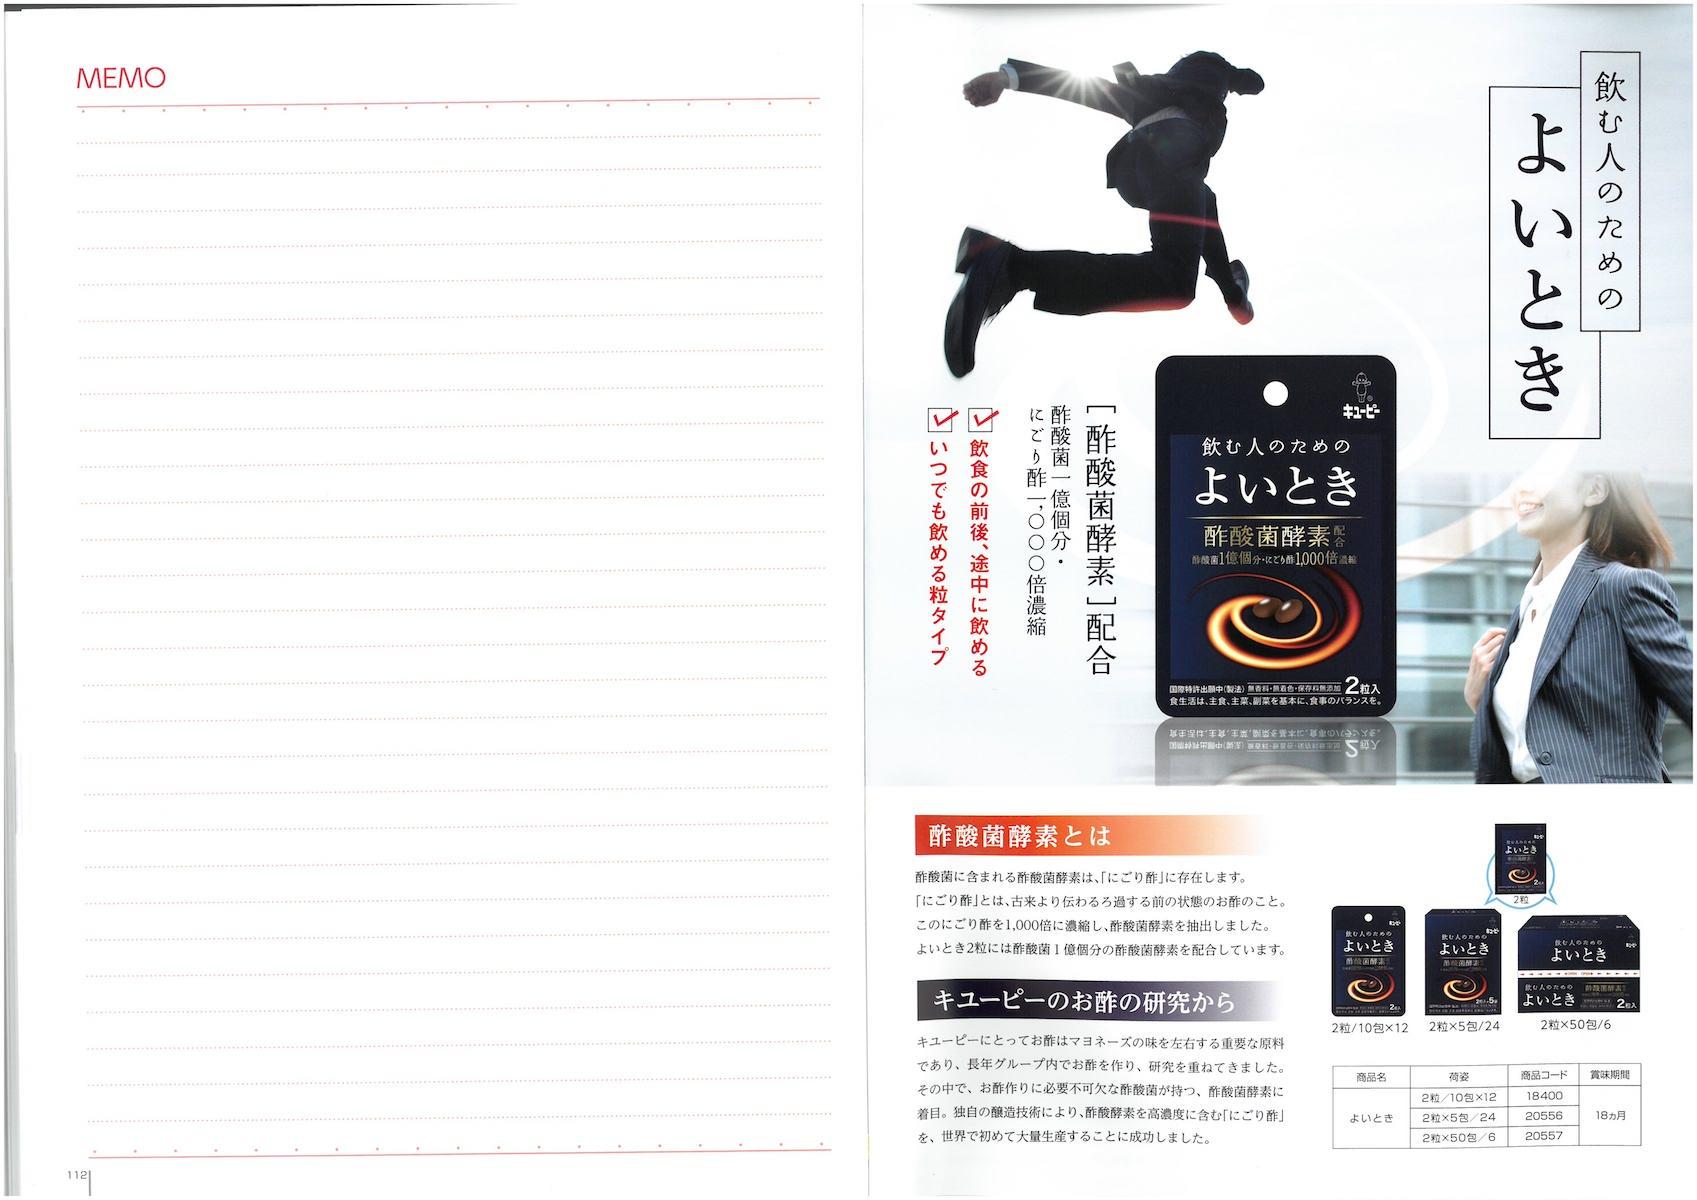 キューピー業務用総合カタログ2017kewpie